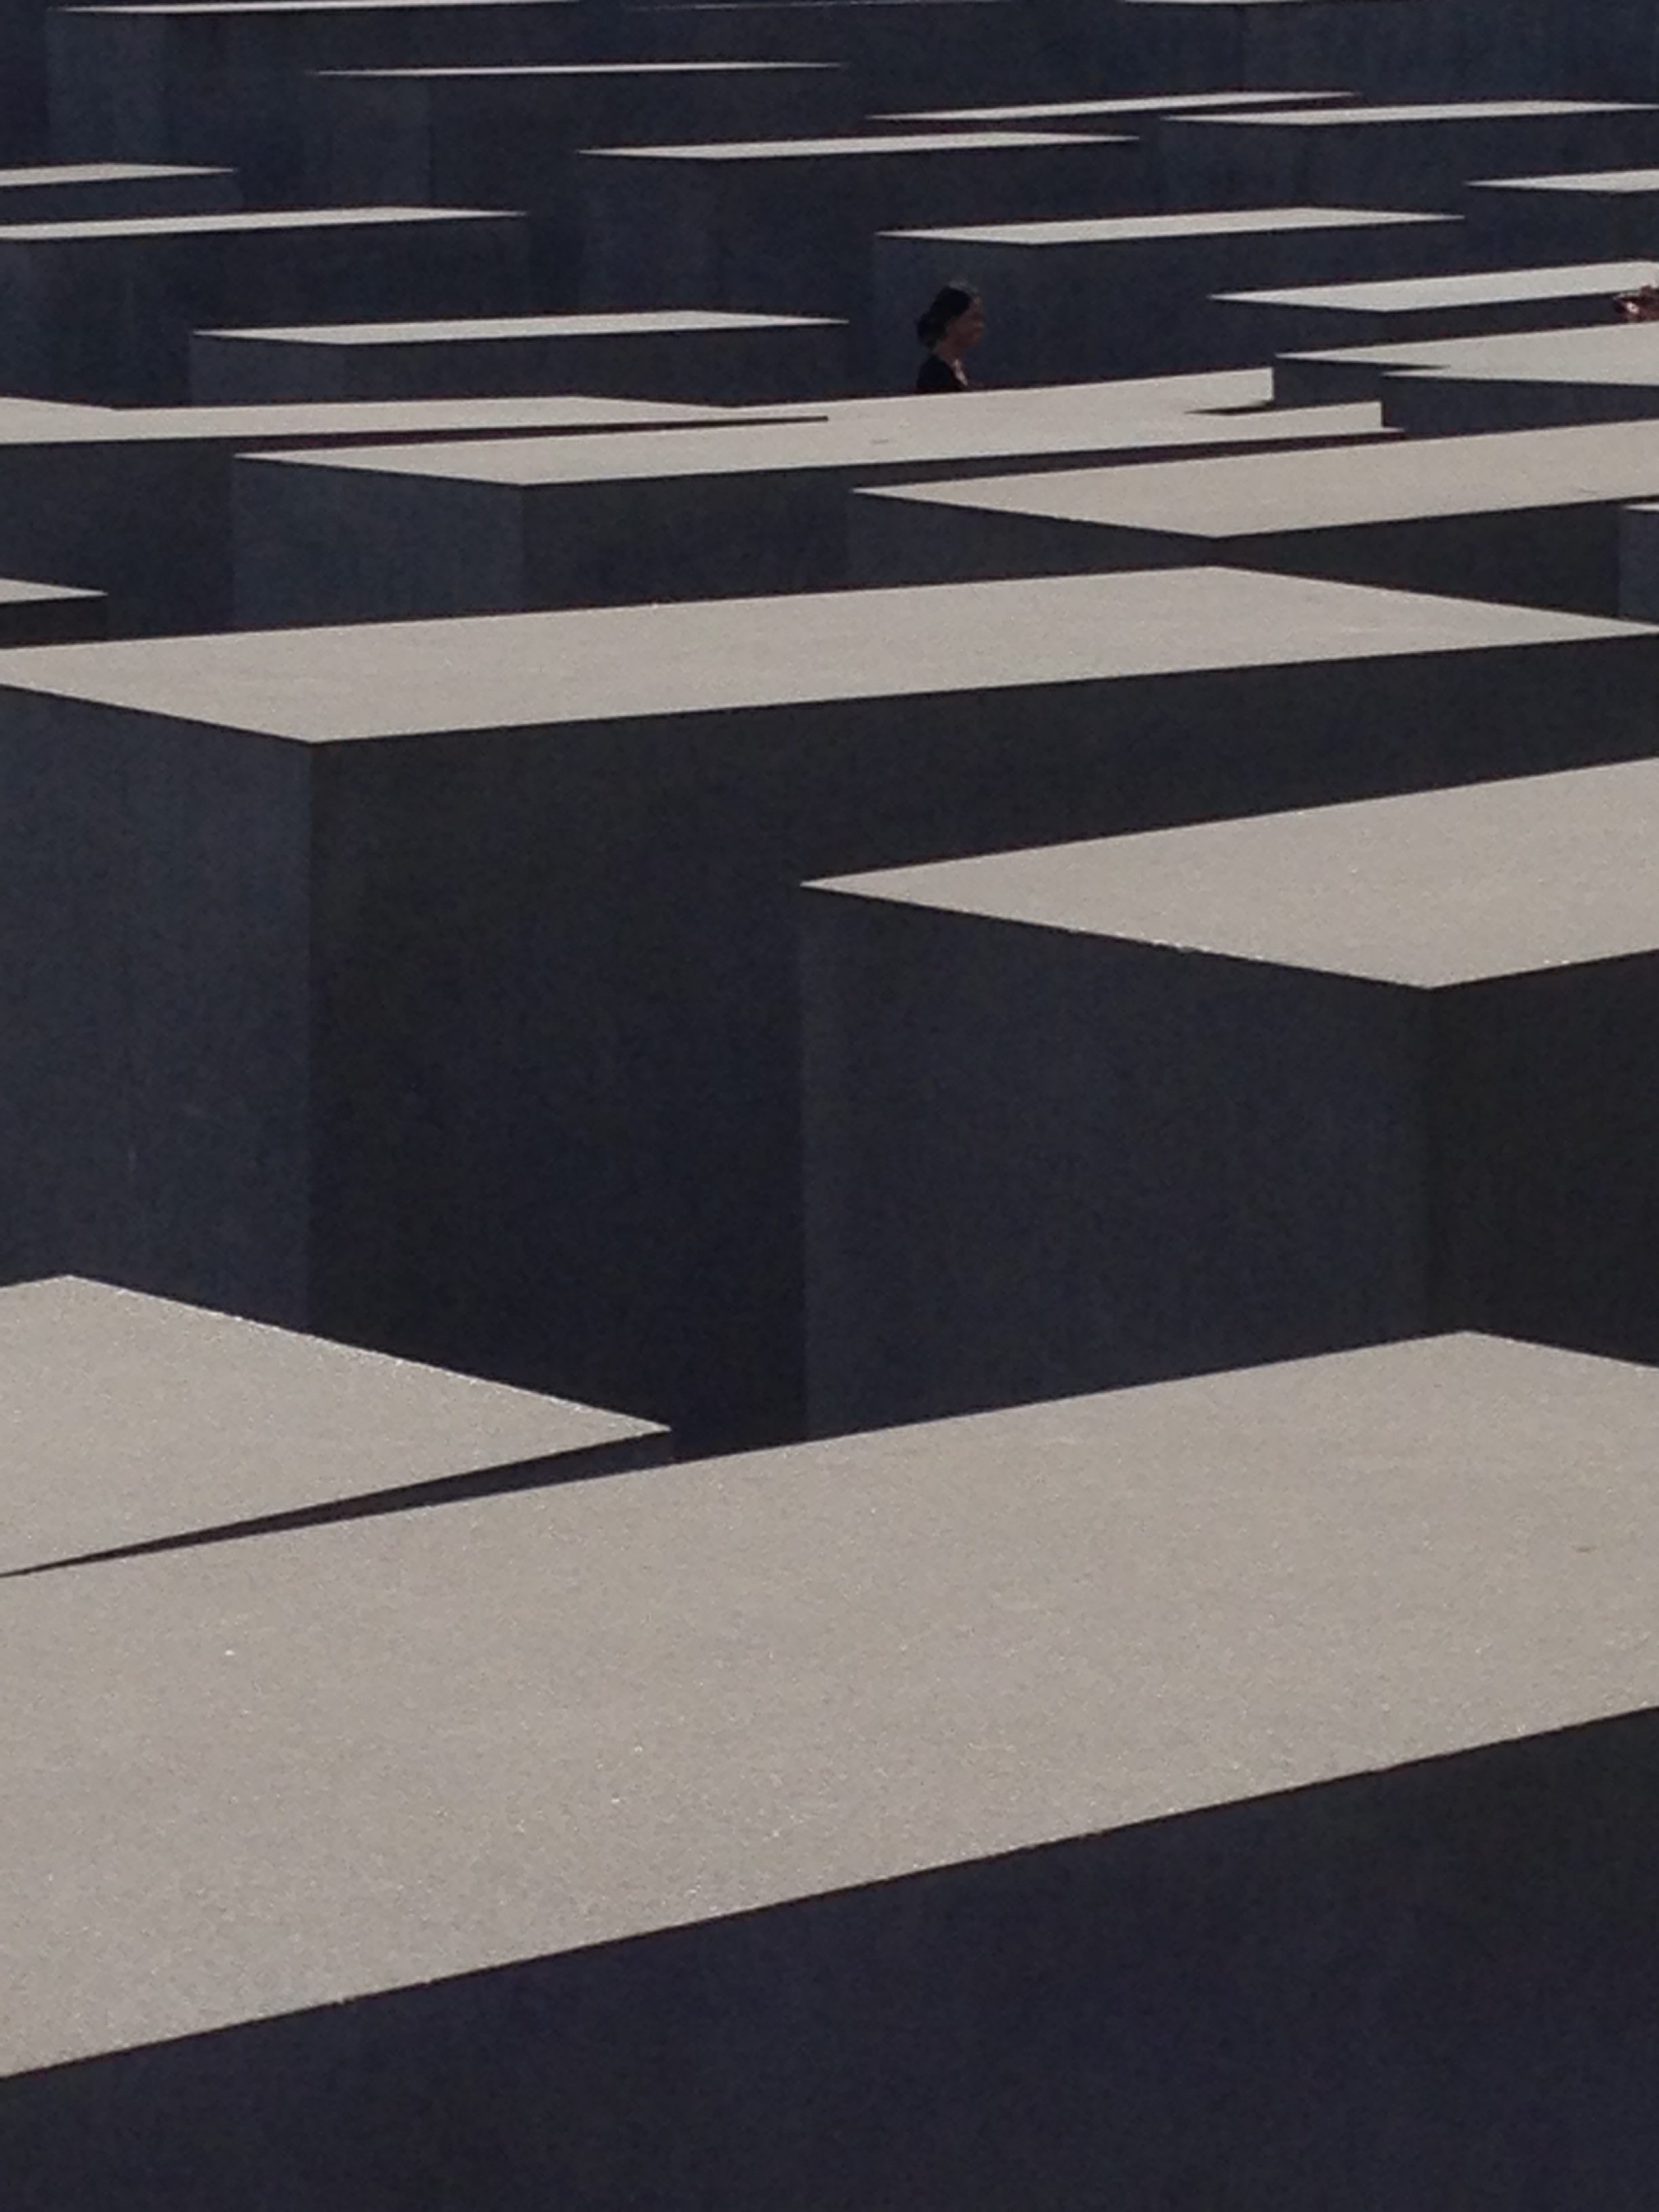 Hördenkmal für die ermordeten Juden Europas